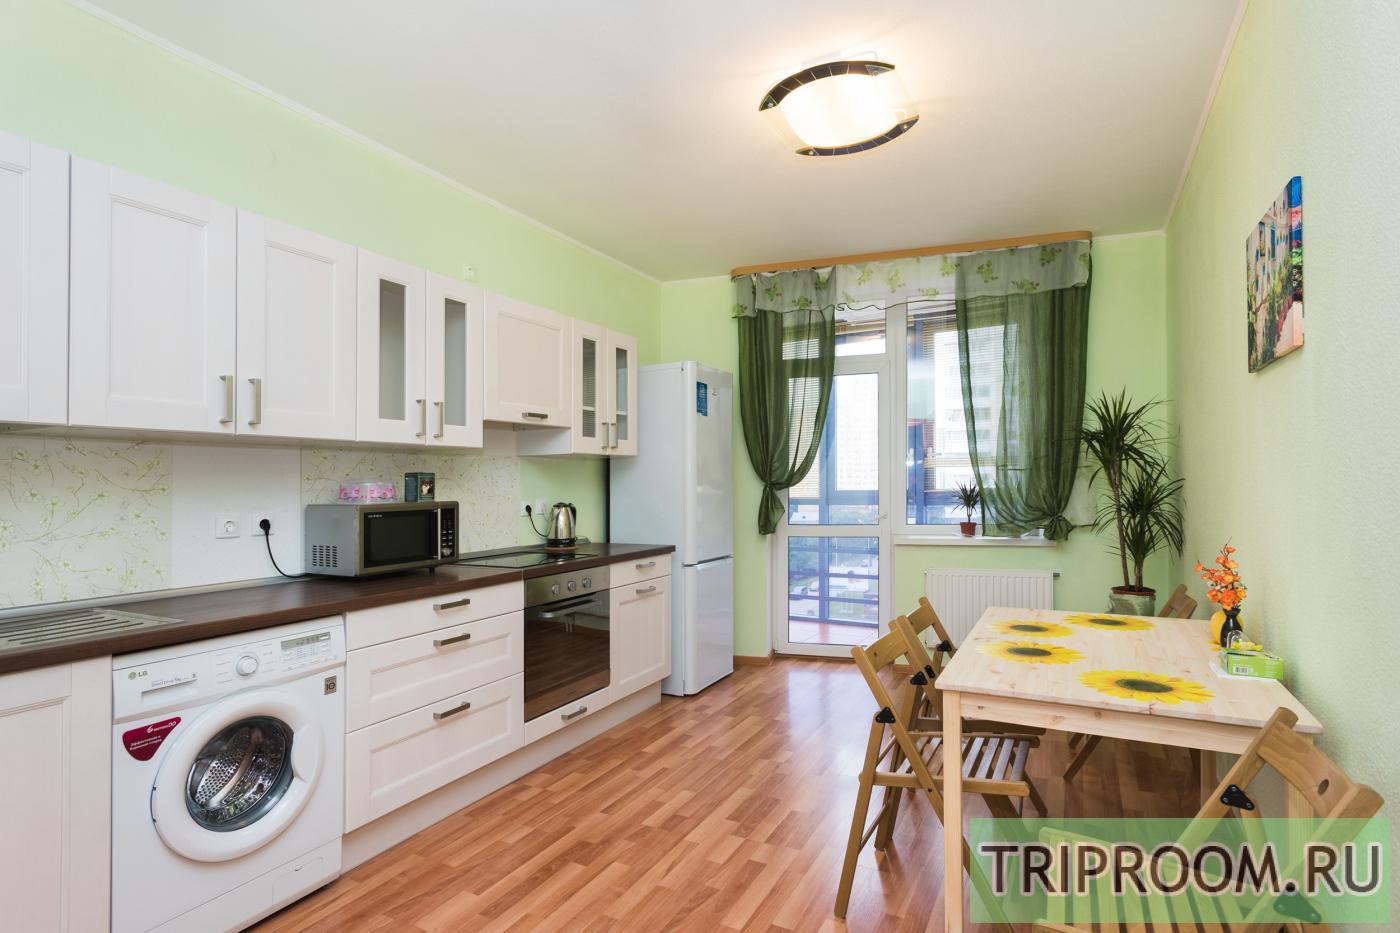 2-комнатная квартира посуточно (вариант № 11950), ул. Шейнкмана улица, фото № 8